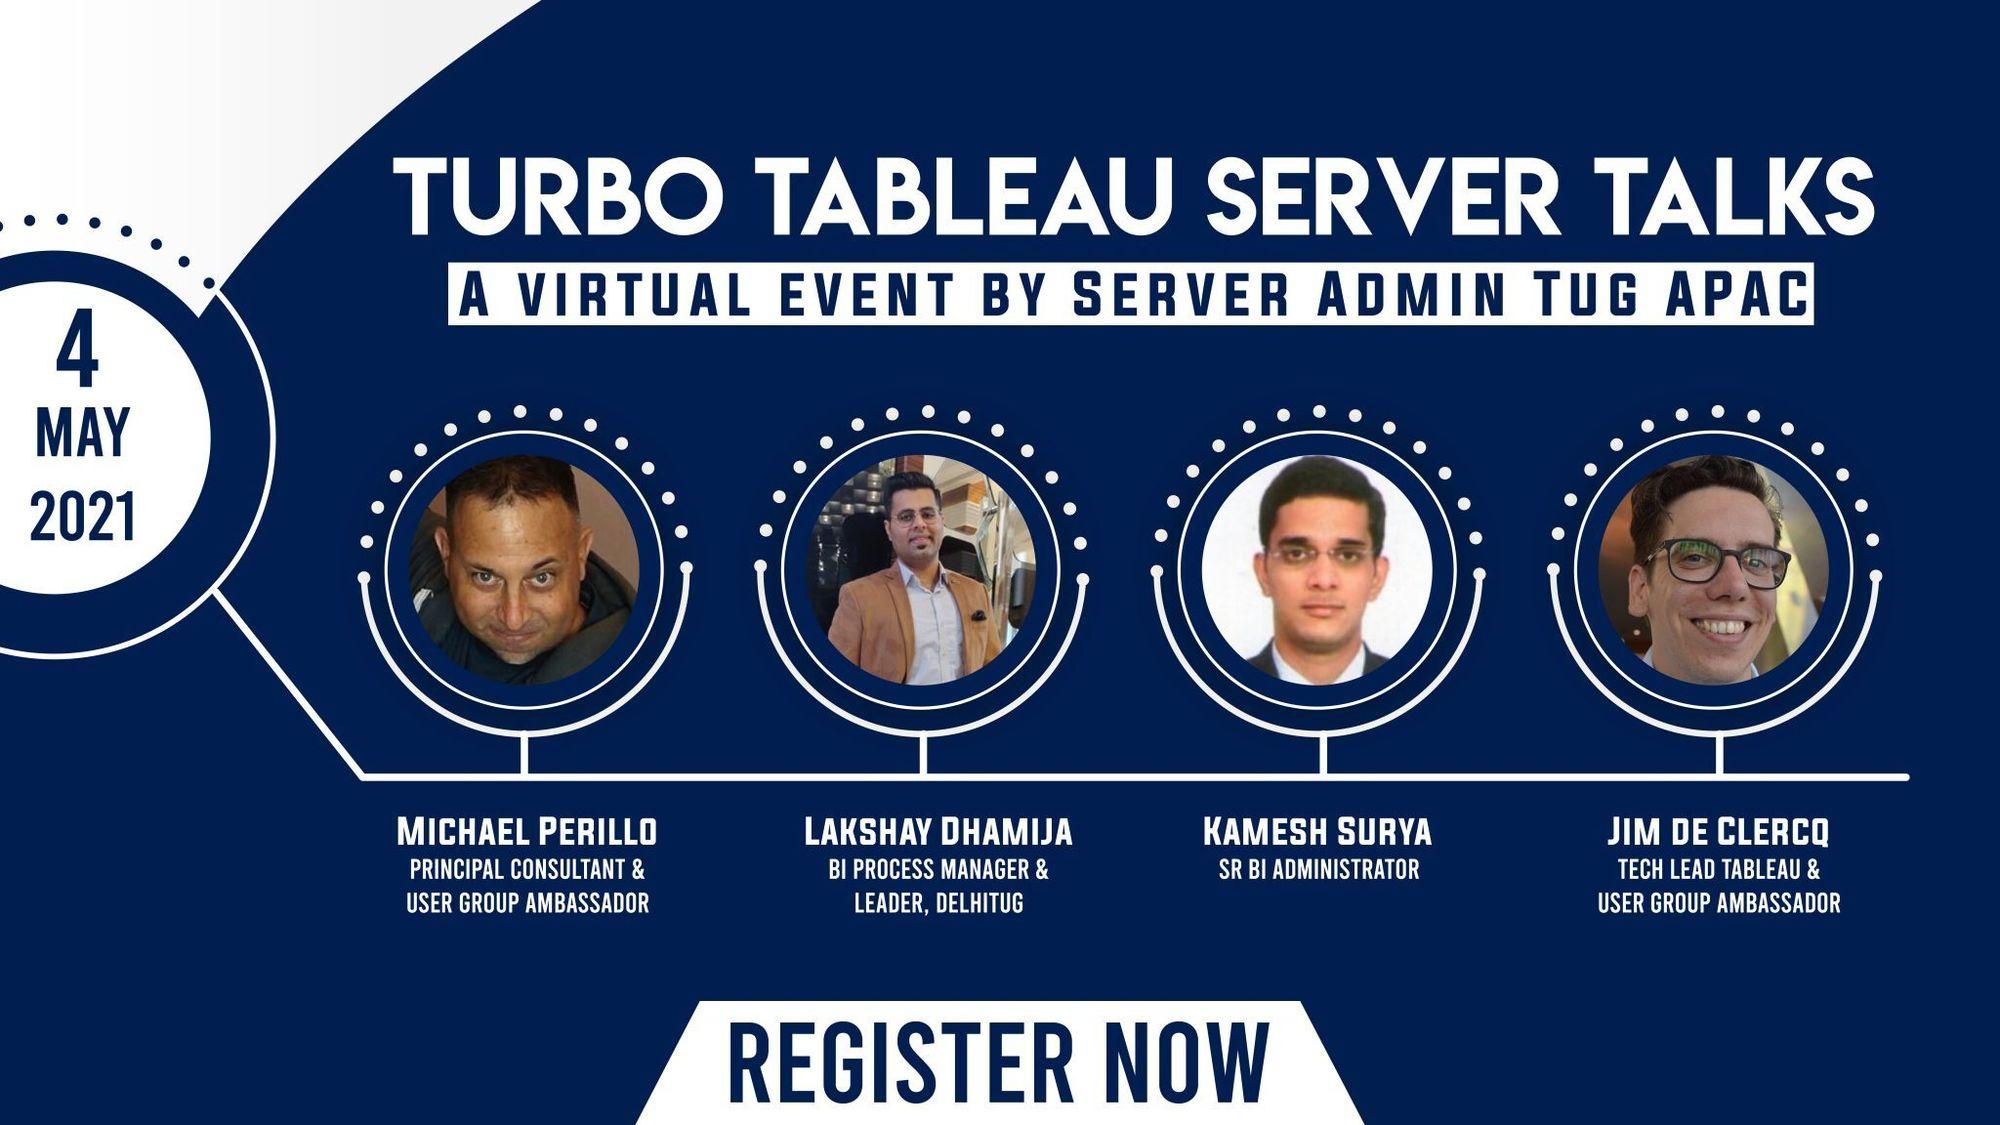 Turbo Tableau Server Talks